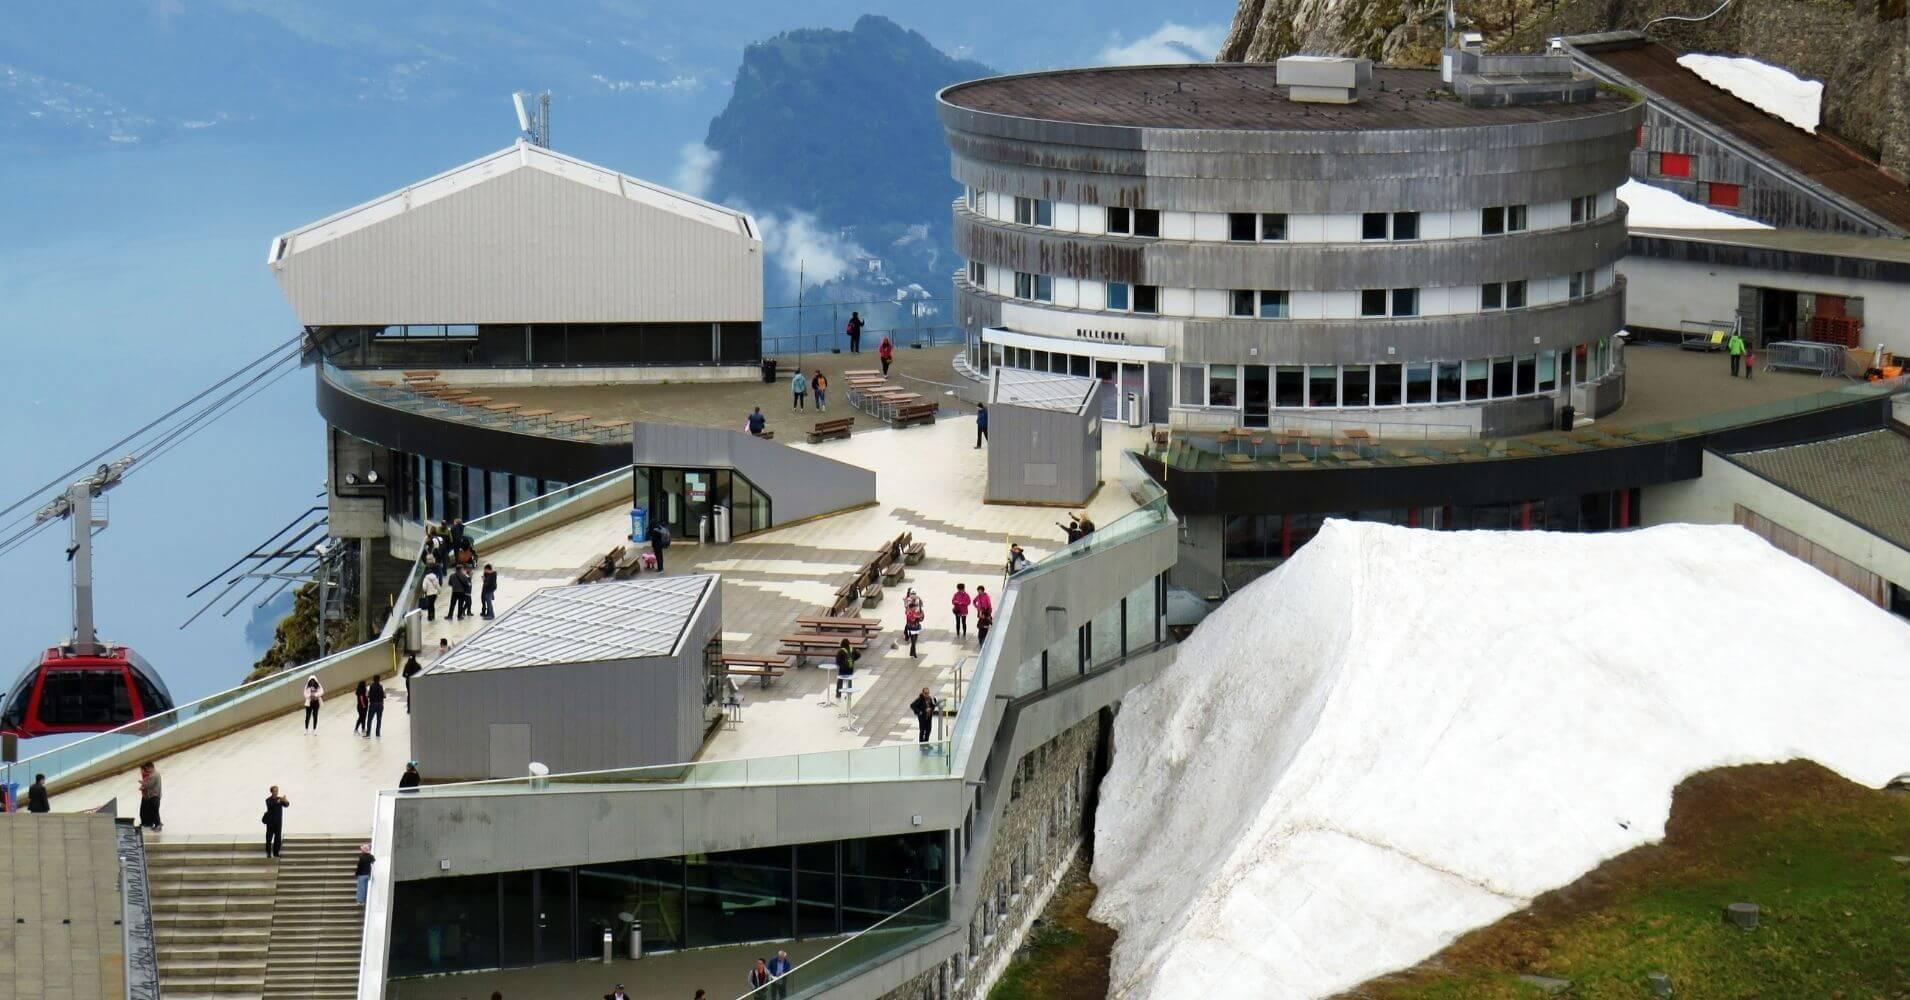 Estación Alta en el Monte Pilatus. Suiza.